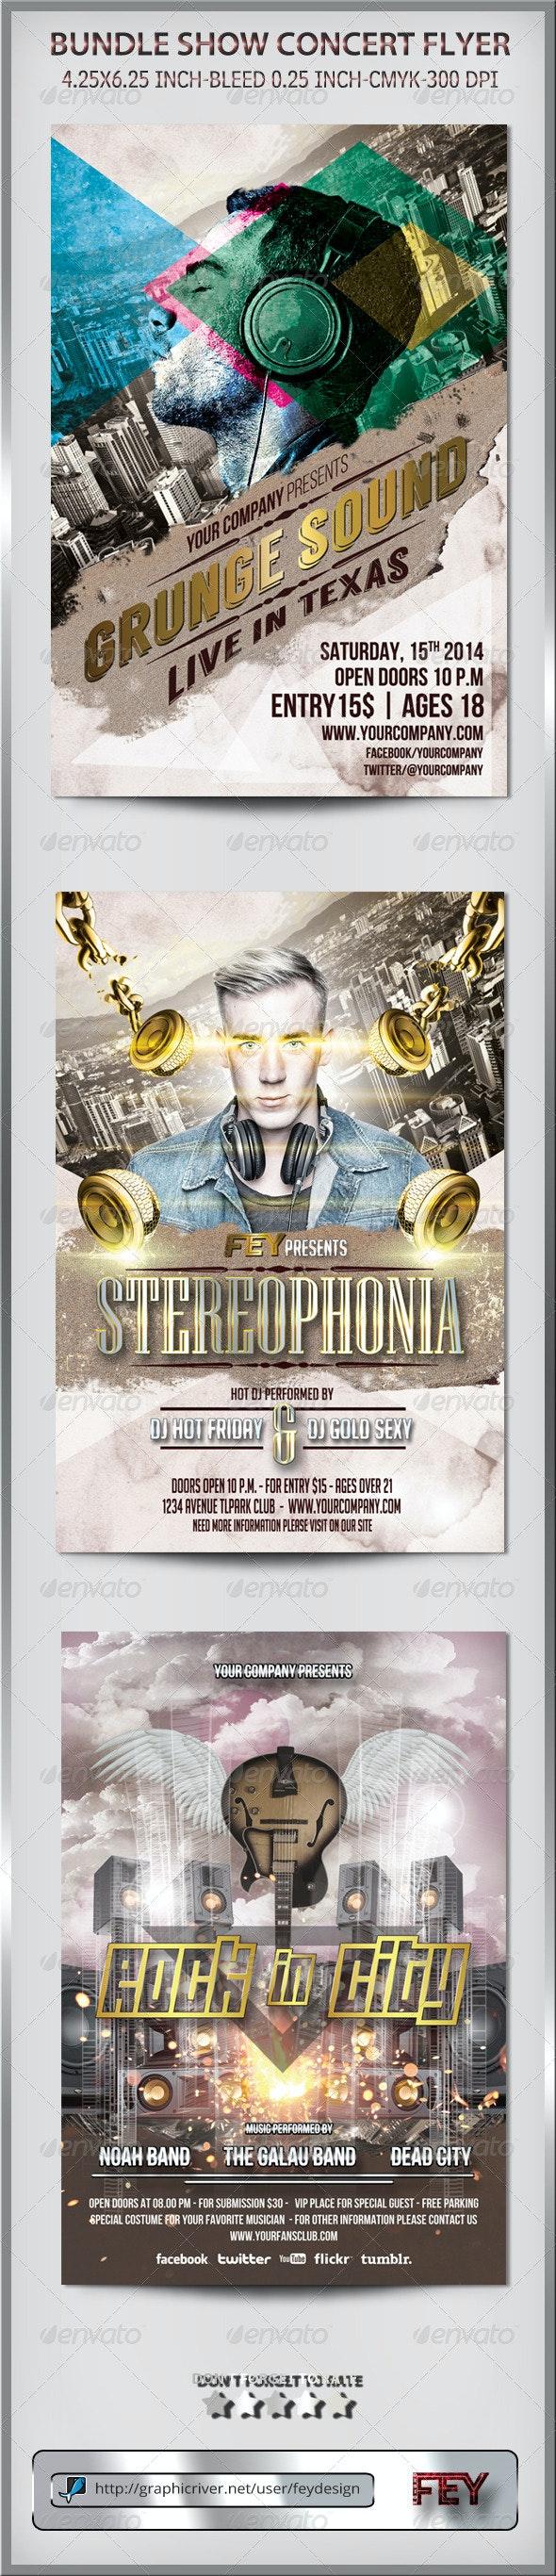 Bundle Show Concert Flyer - Events Flyers